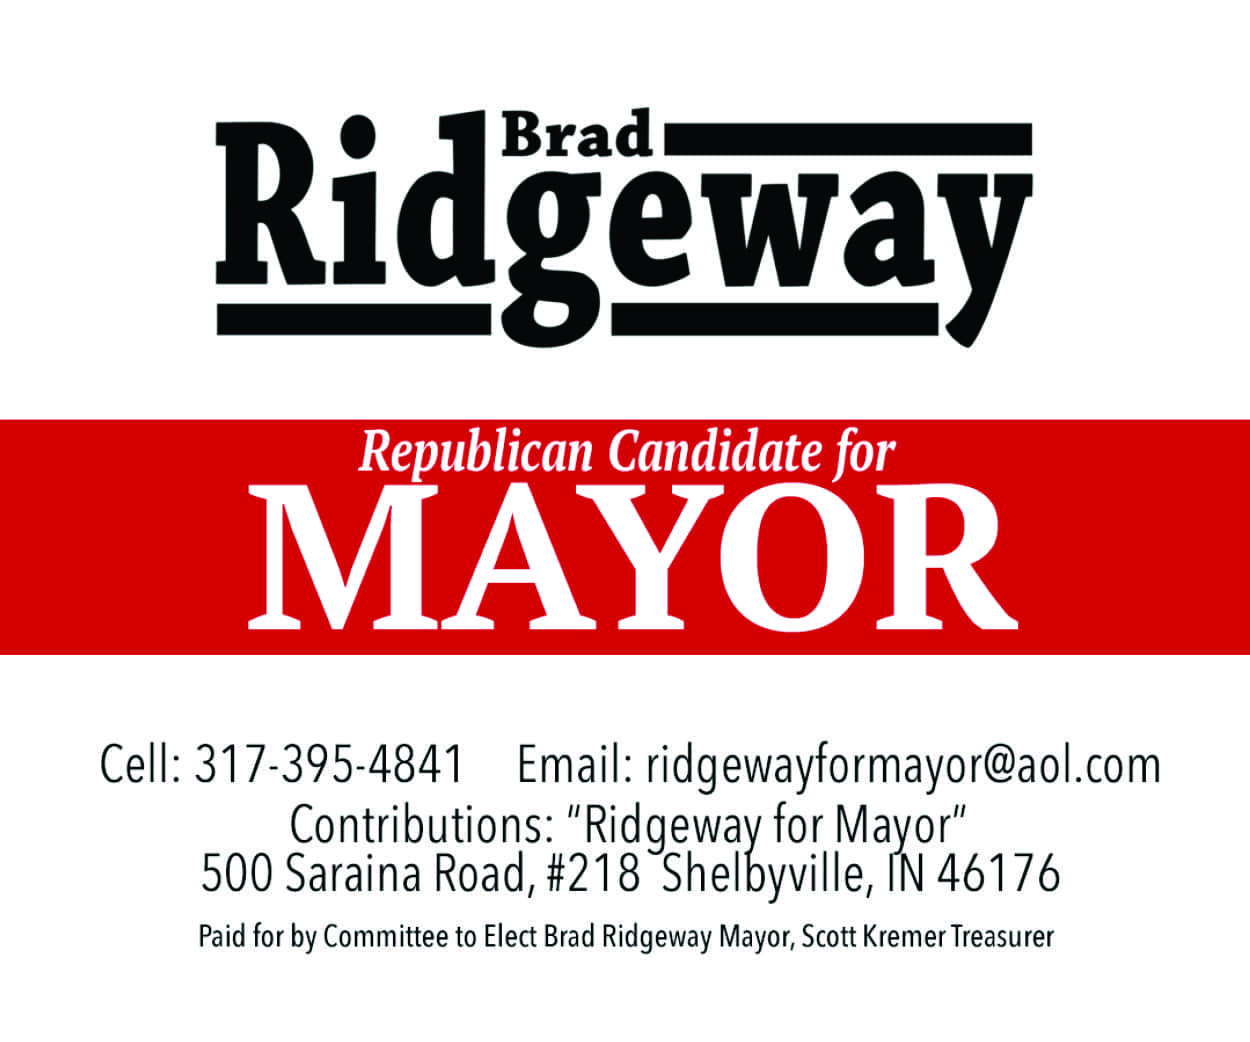 Brad Ridgeway